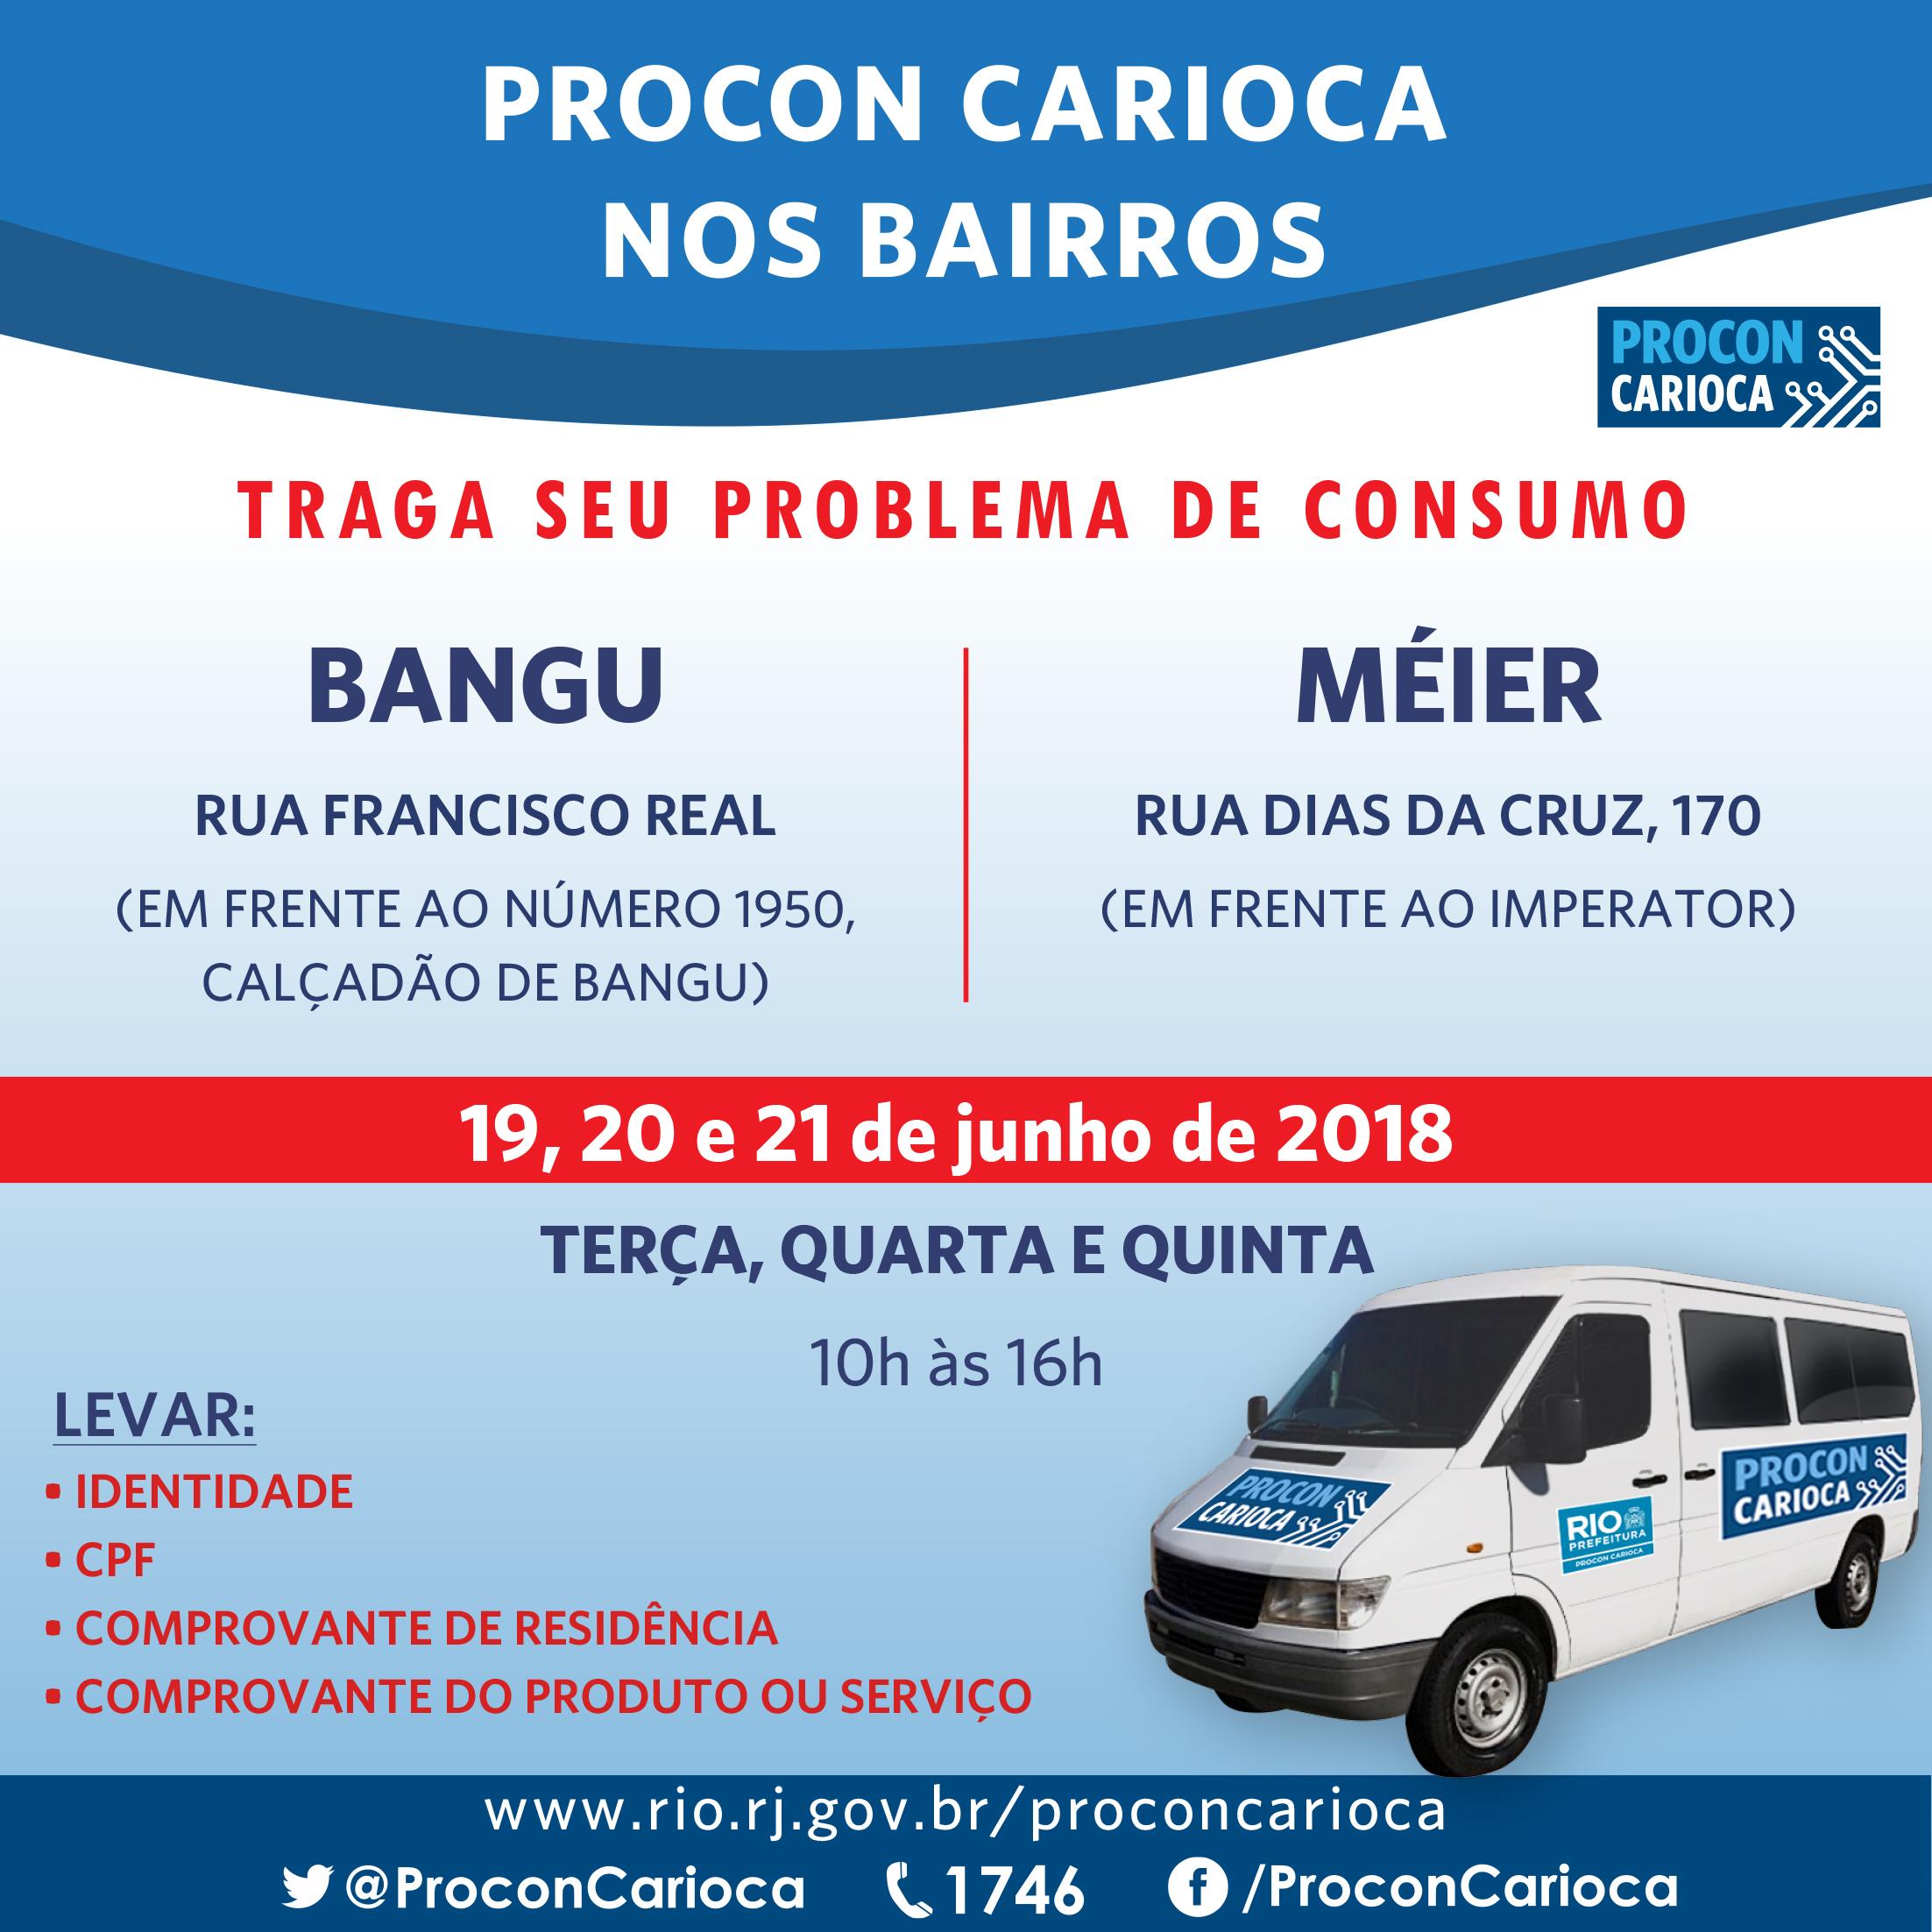 Vans do Procon Carioca em Bangu e no Méier